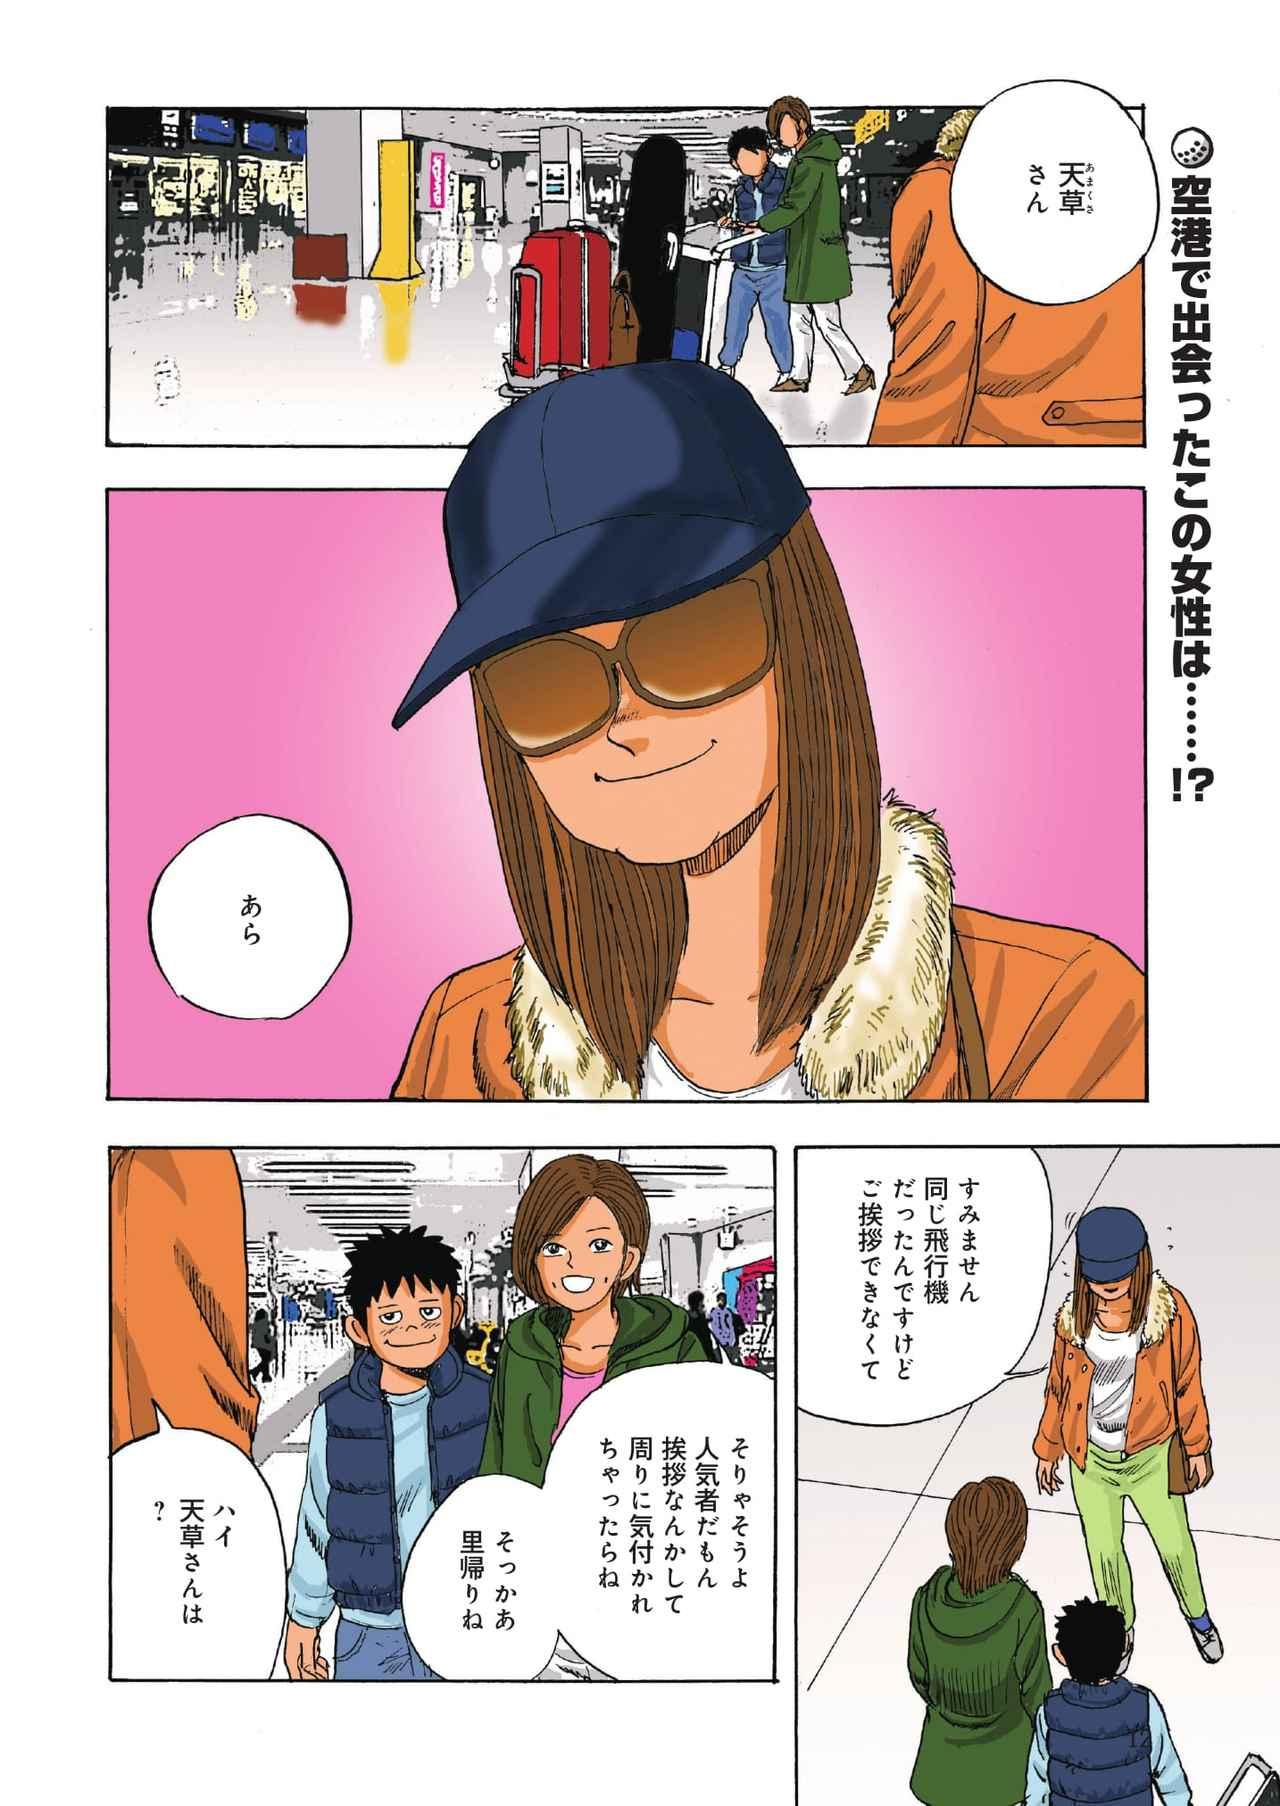 画像1: 【伝説の漫画「カラッと日曜」に学ぶマネジメント術 #7】